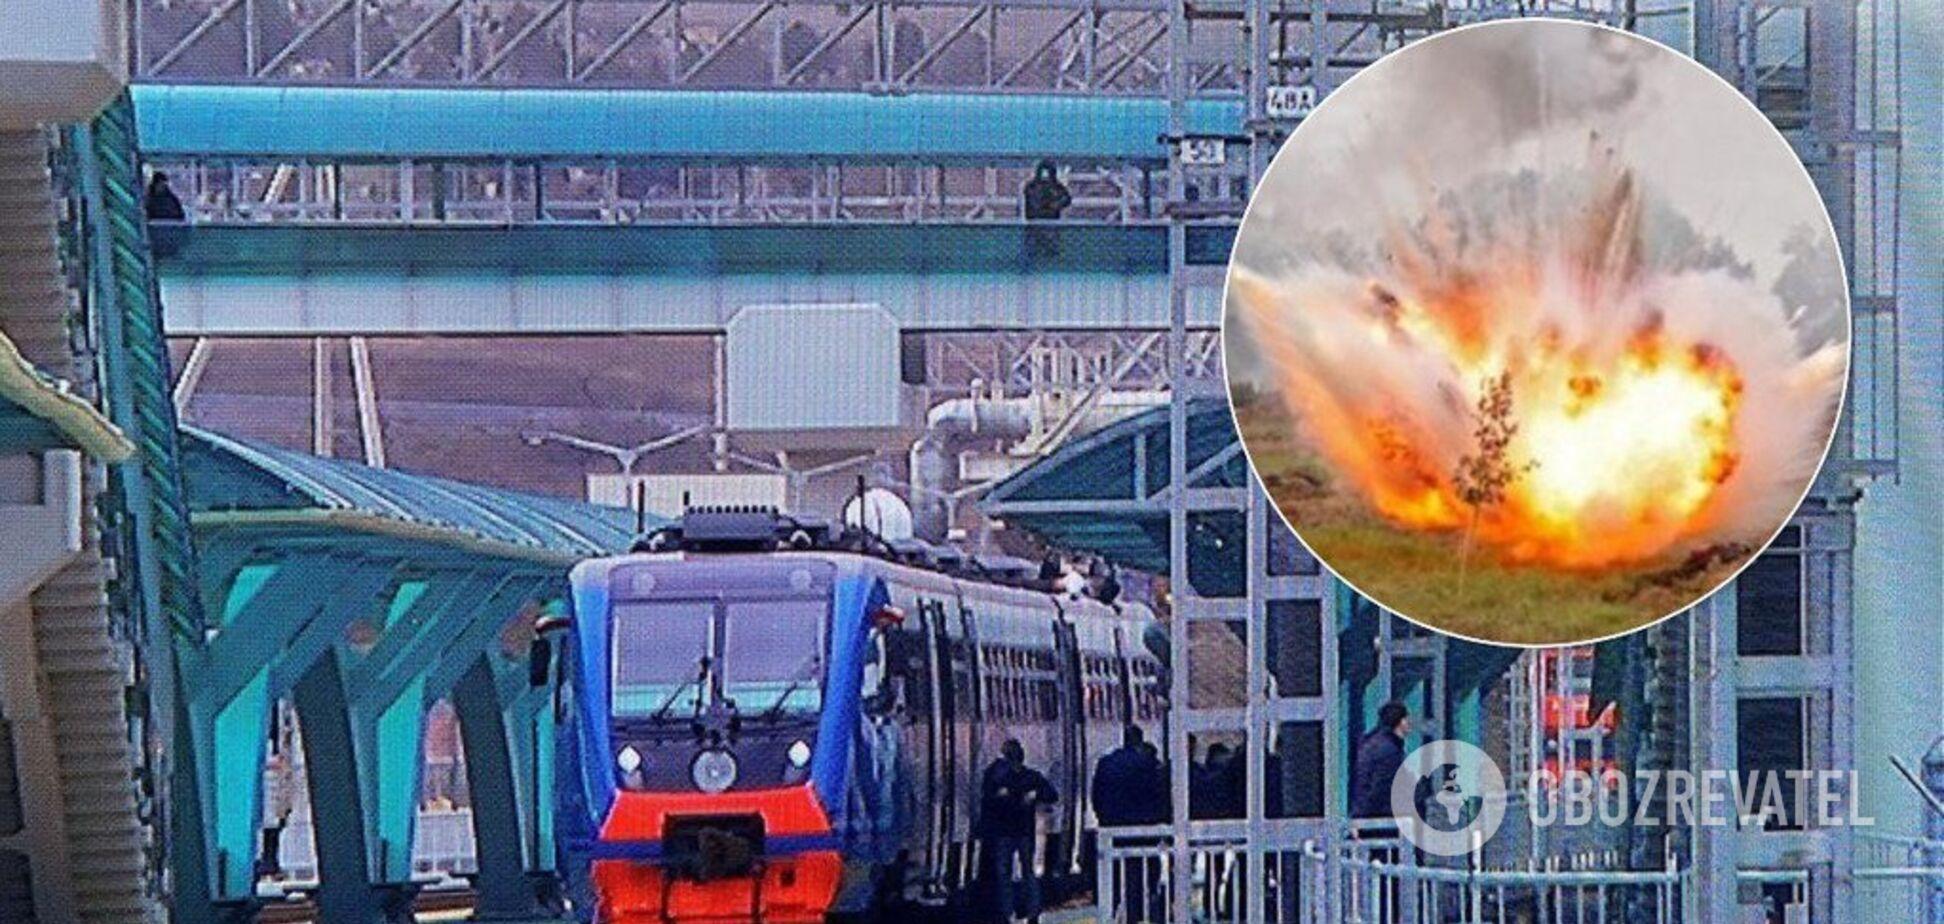 Путин запустил поезд по Крымскому мосту: офицер назвал угрозу для Украины